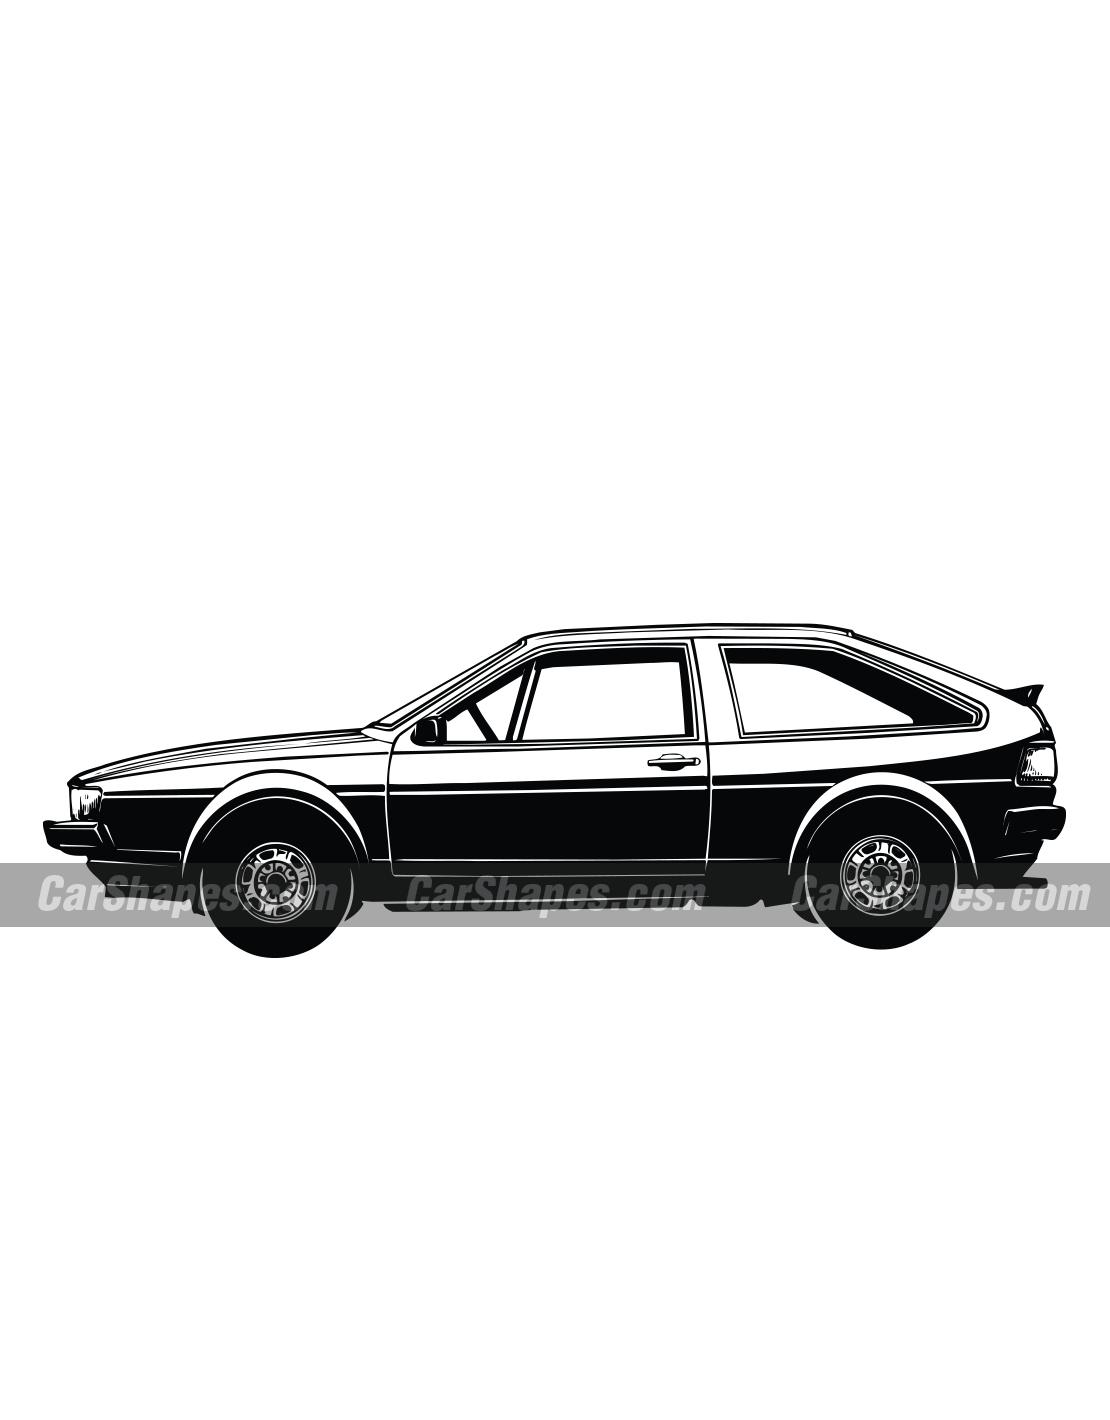 1985 Volkswagen Scirocco | Scirocco | Car vector, Volkswagen, Art